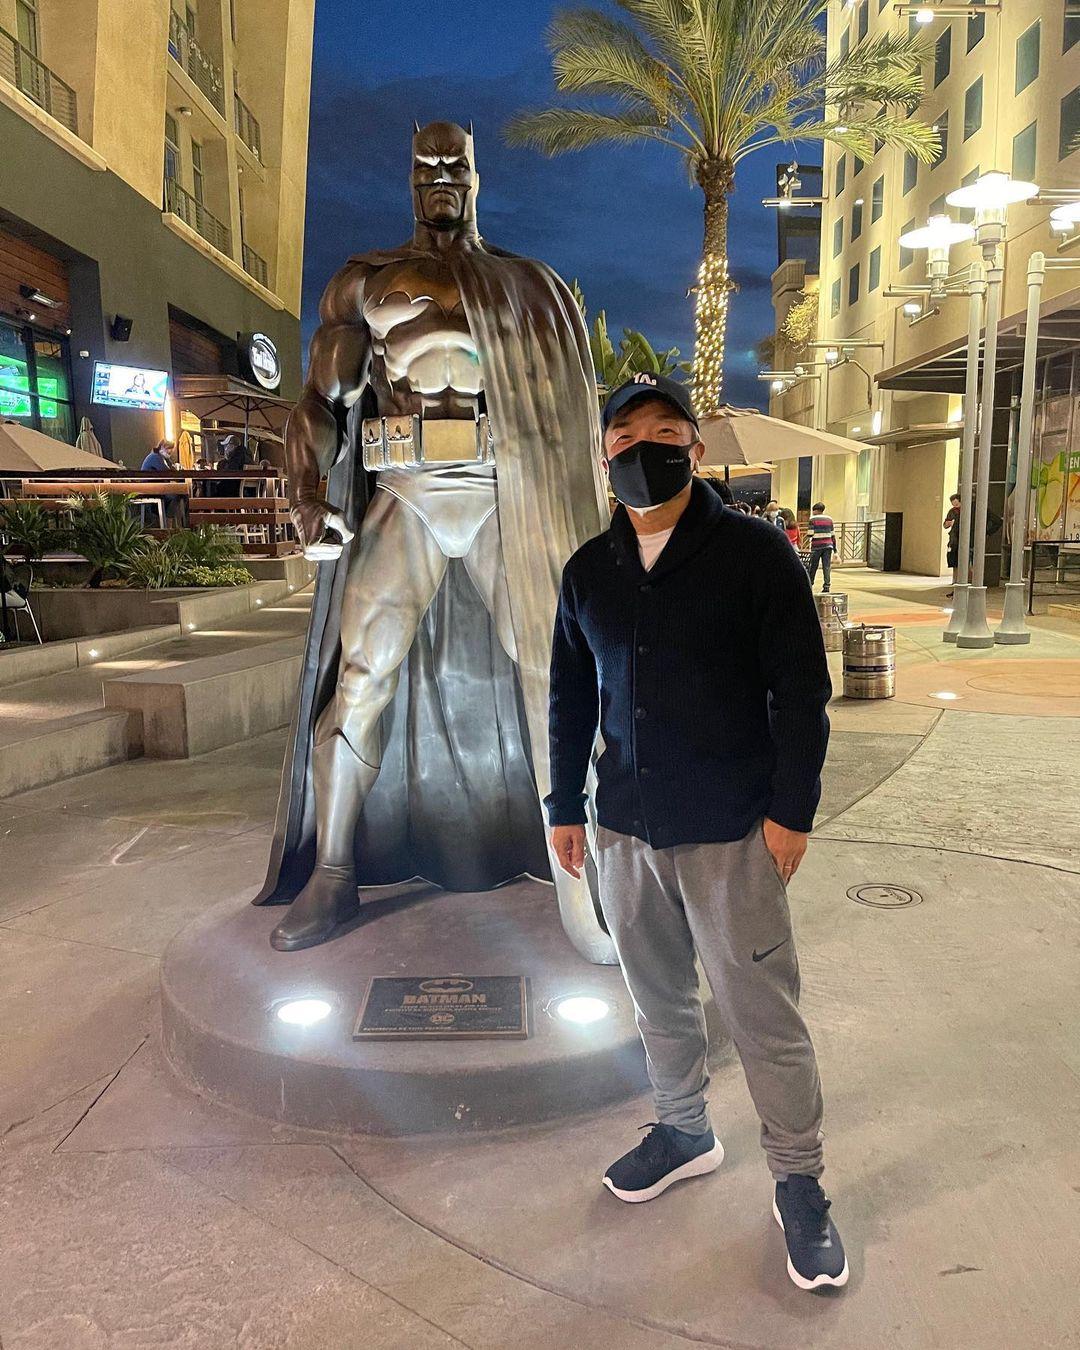 El artista Jim Lee y la estatua de Batman en Burbank, California. Imagen: Jim Lee Instagram (@jimlee).